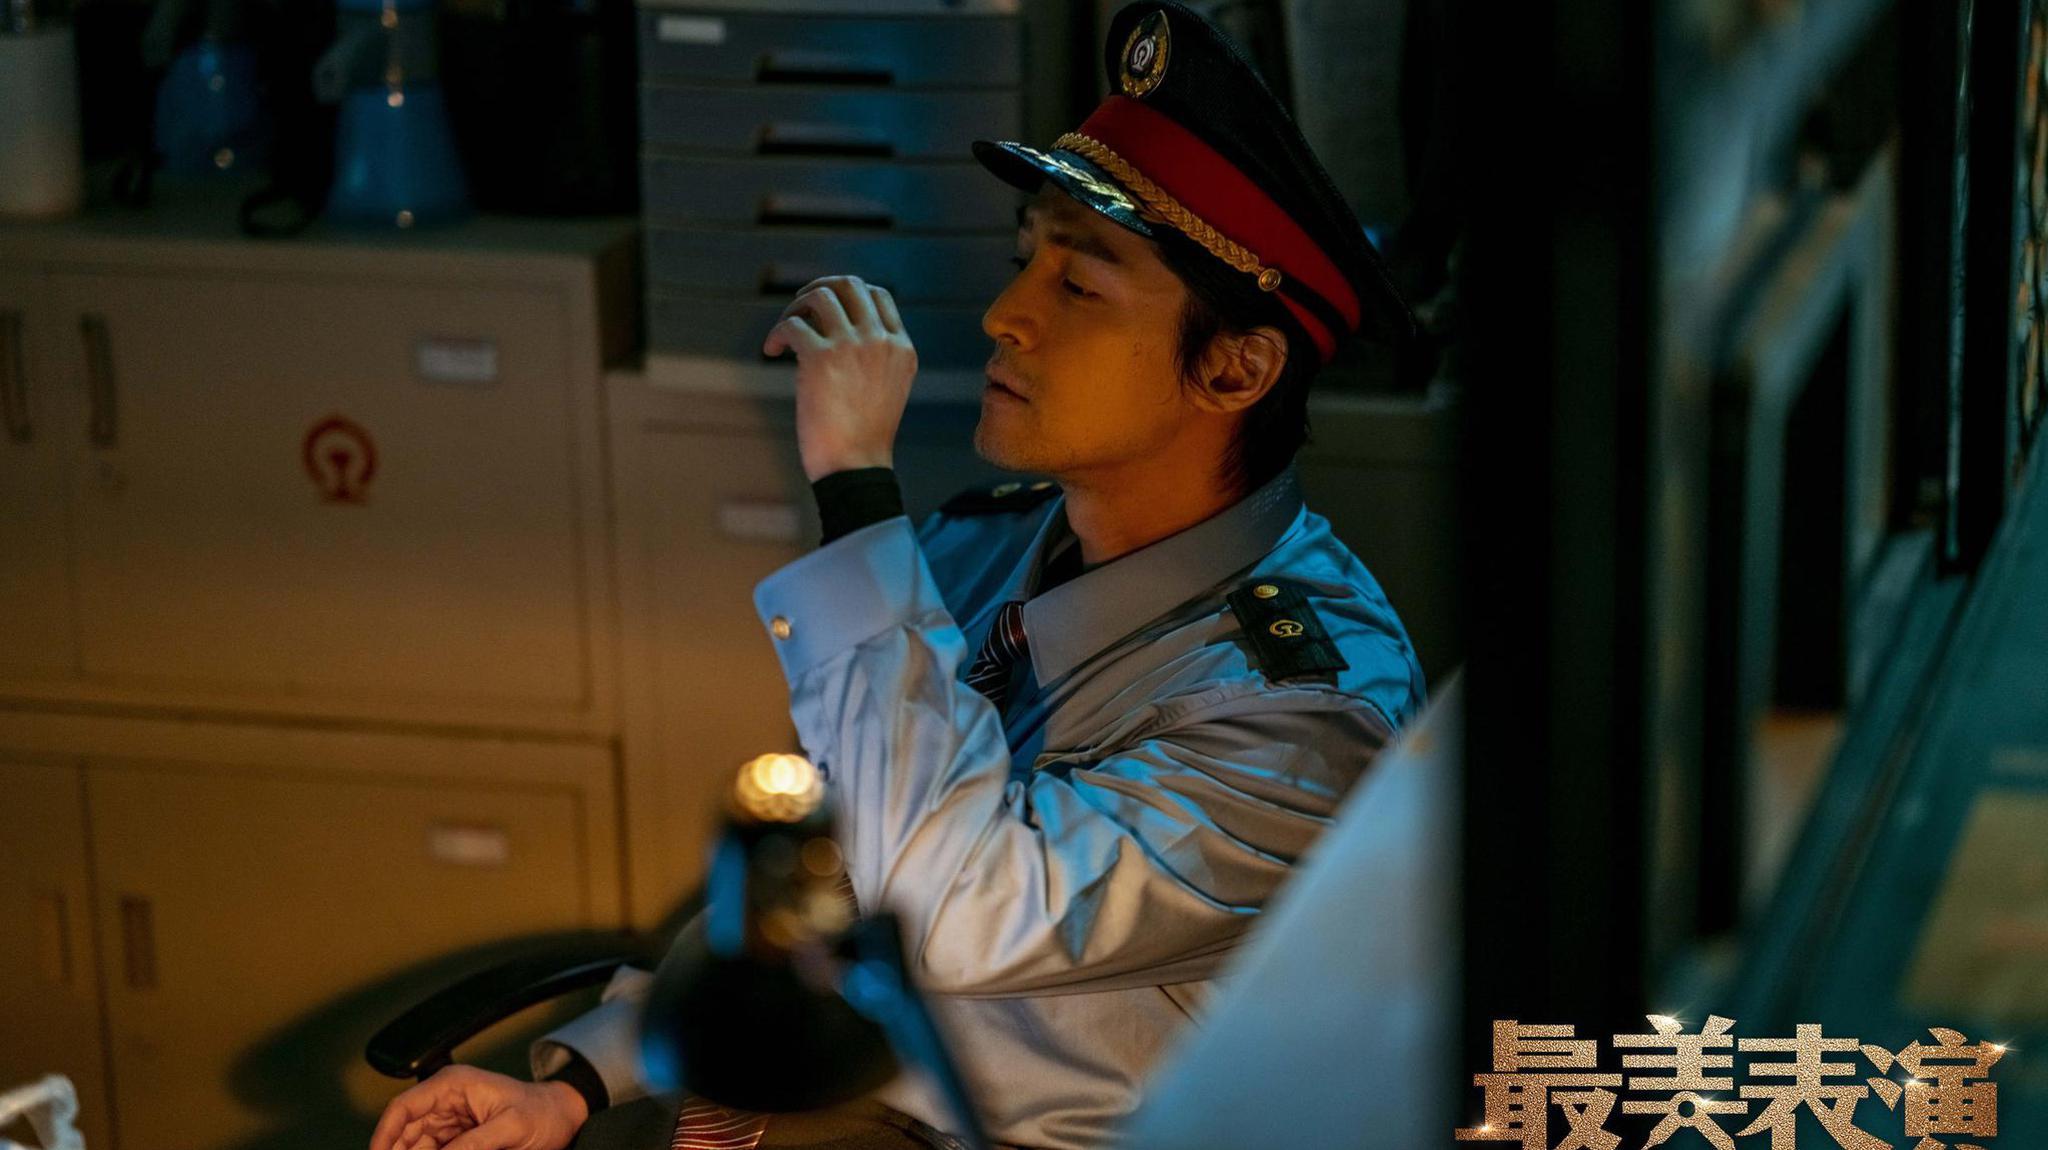 胡歌2019最美表演正片曝光 一人分饰三角哭戏动人